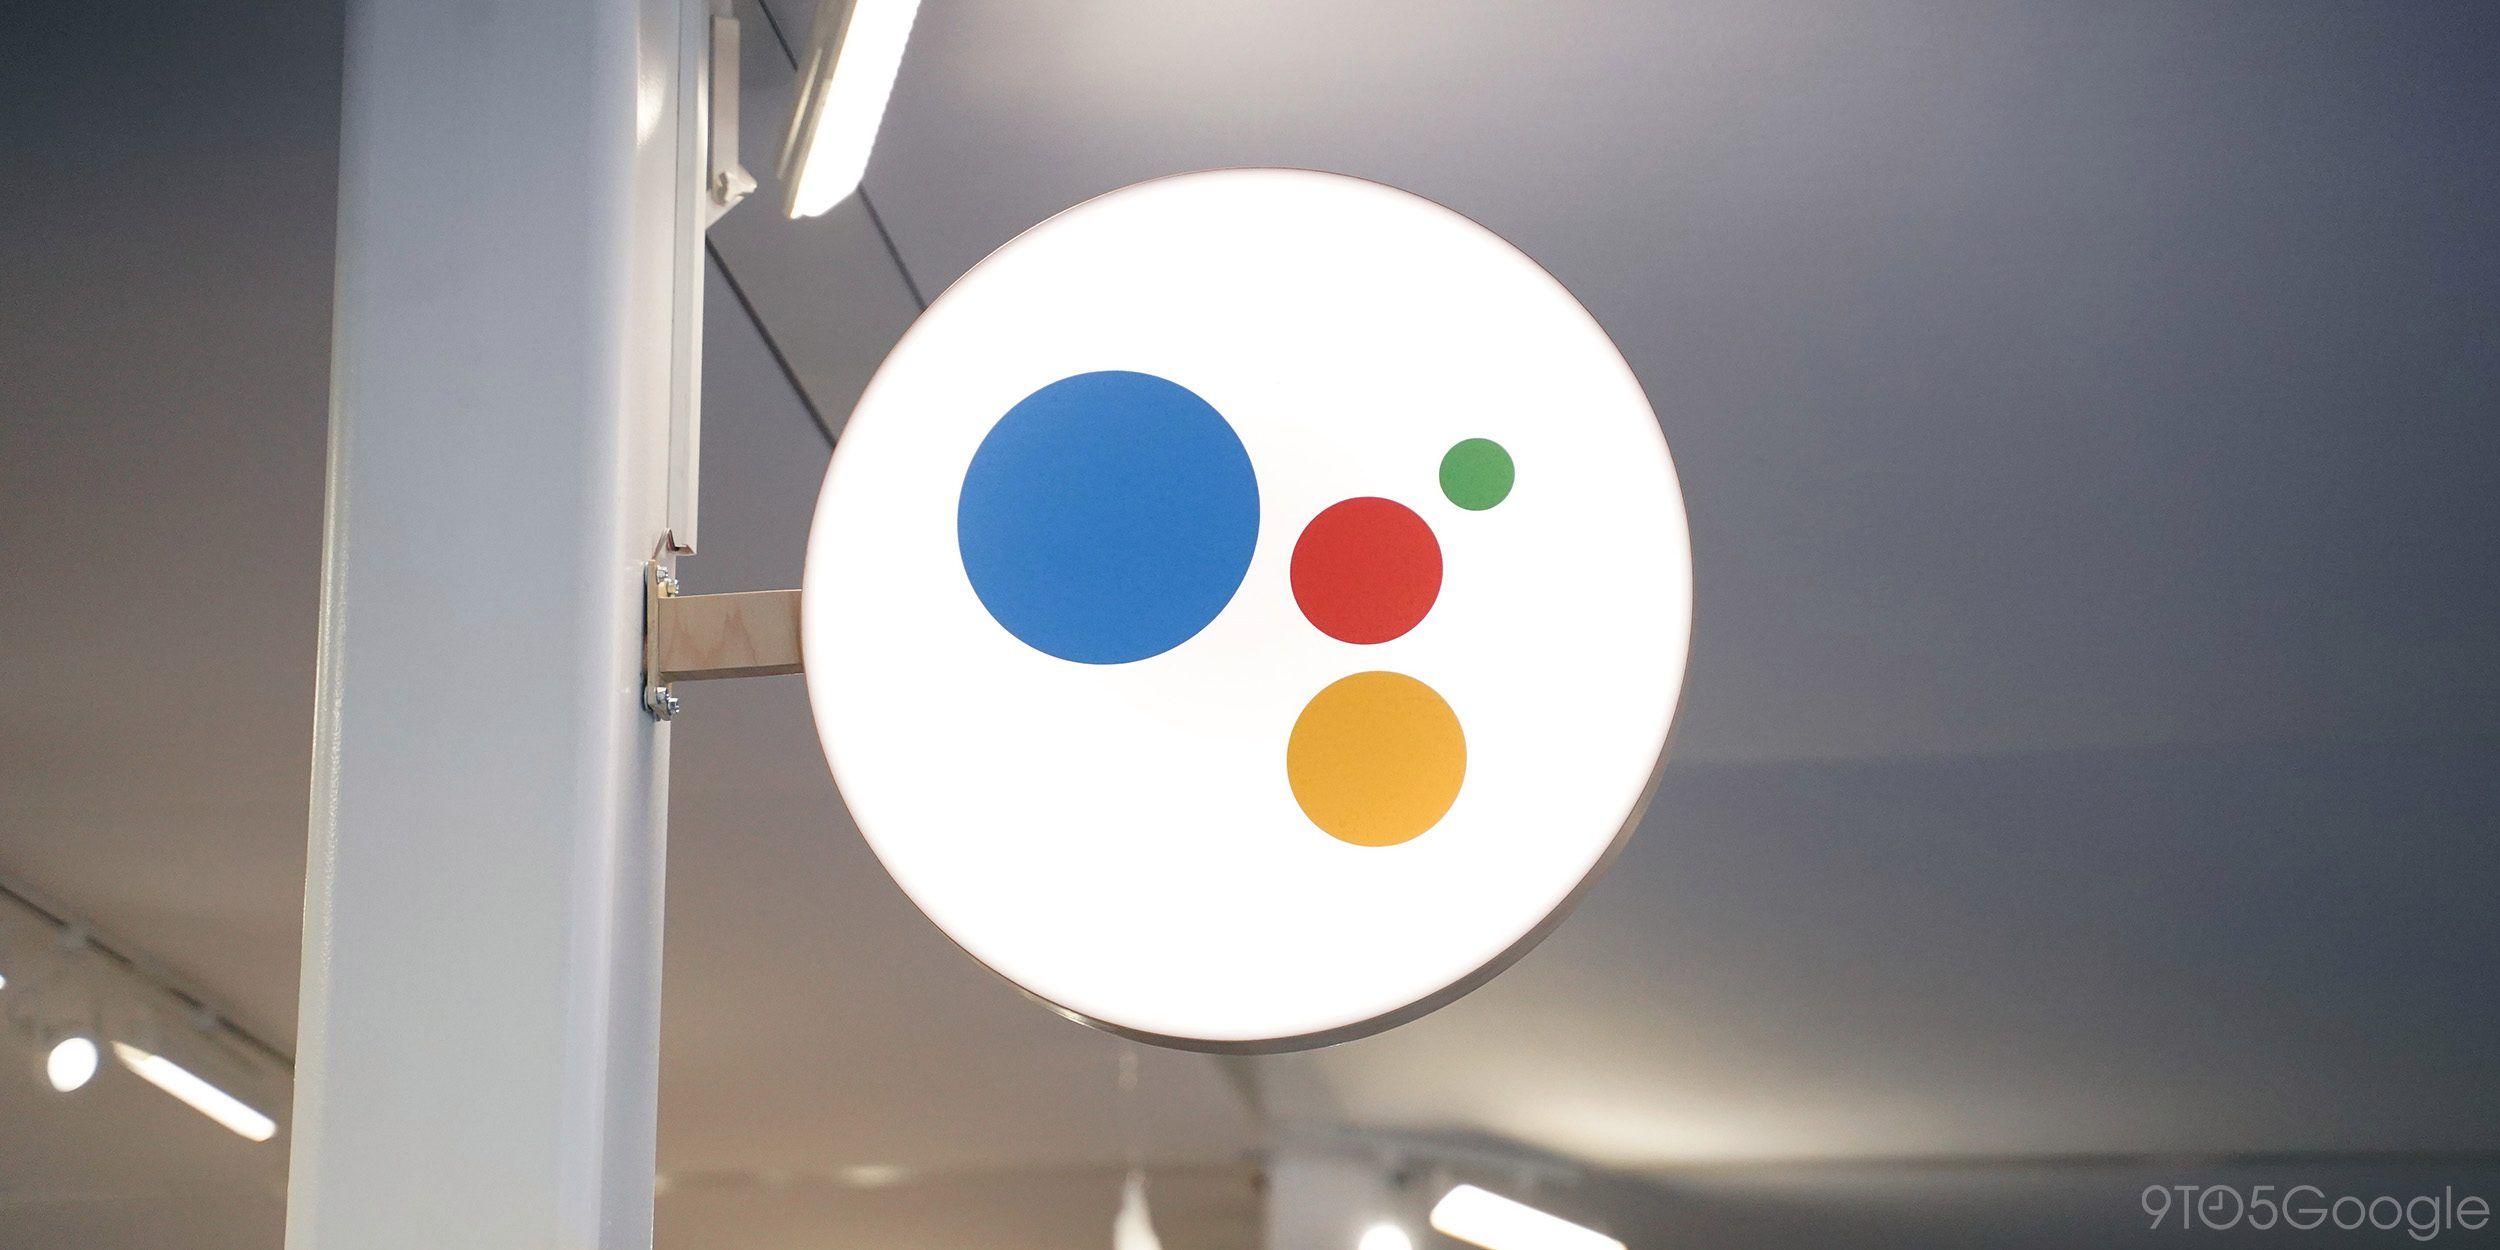 Google redesigns Assistants builtin list of featureshttps